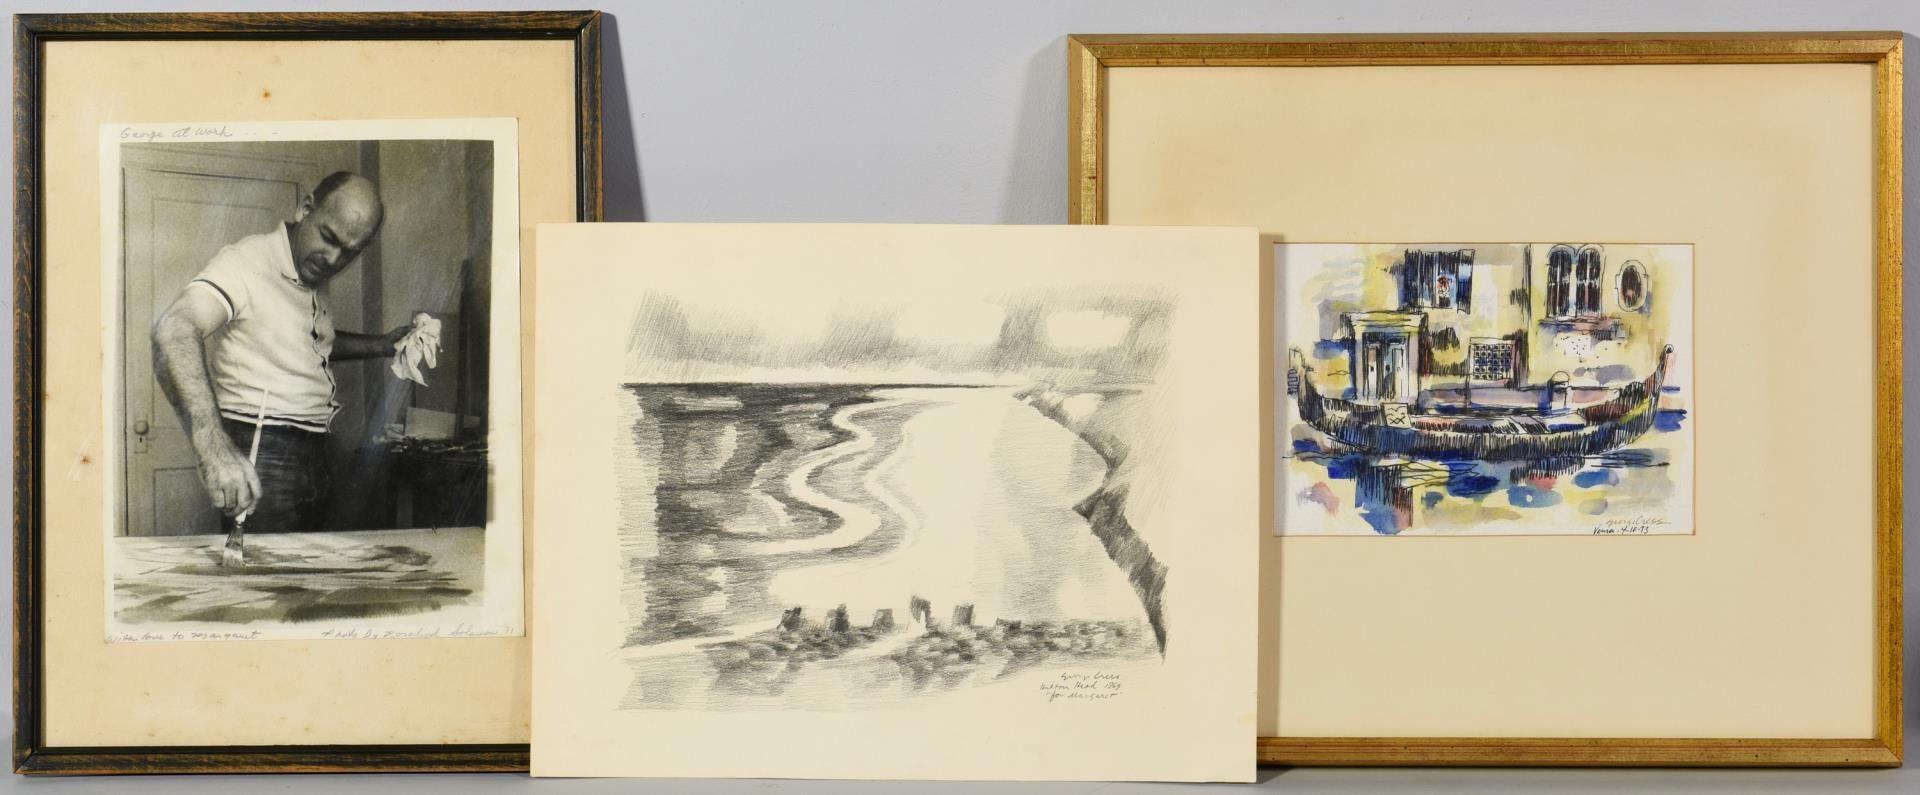 Lot 462: George Cress TN Art Archive